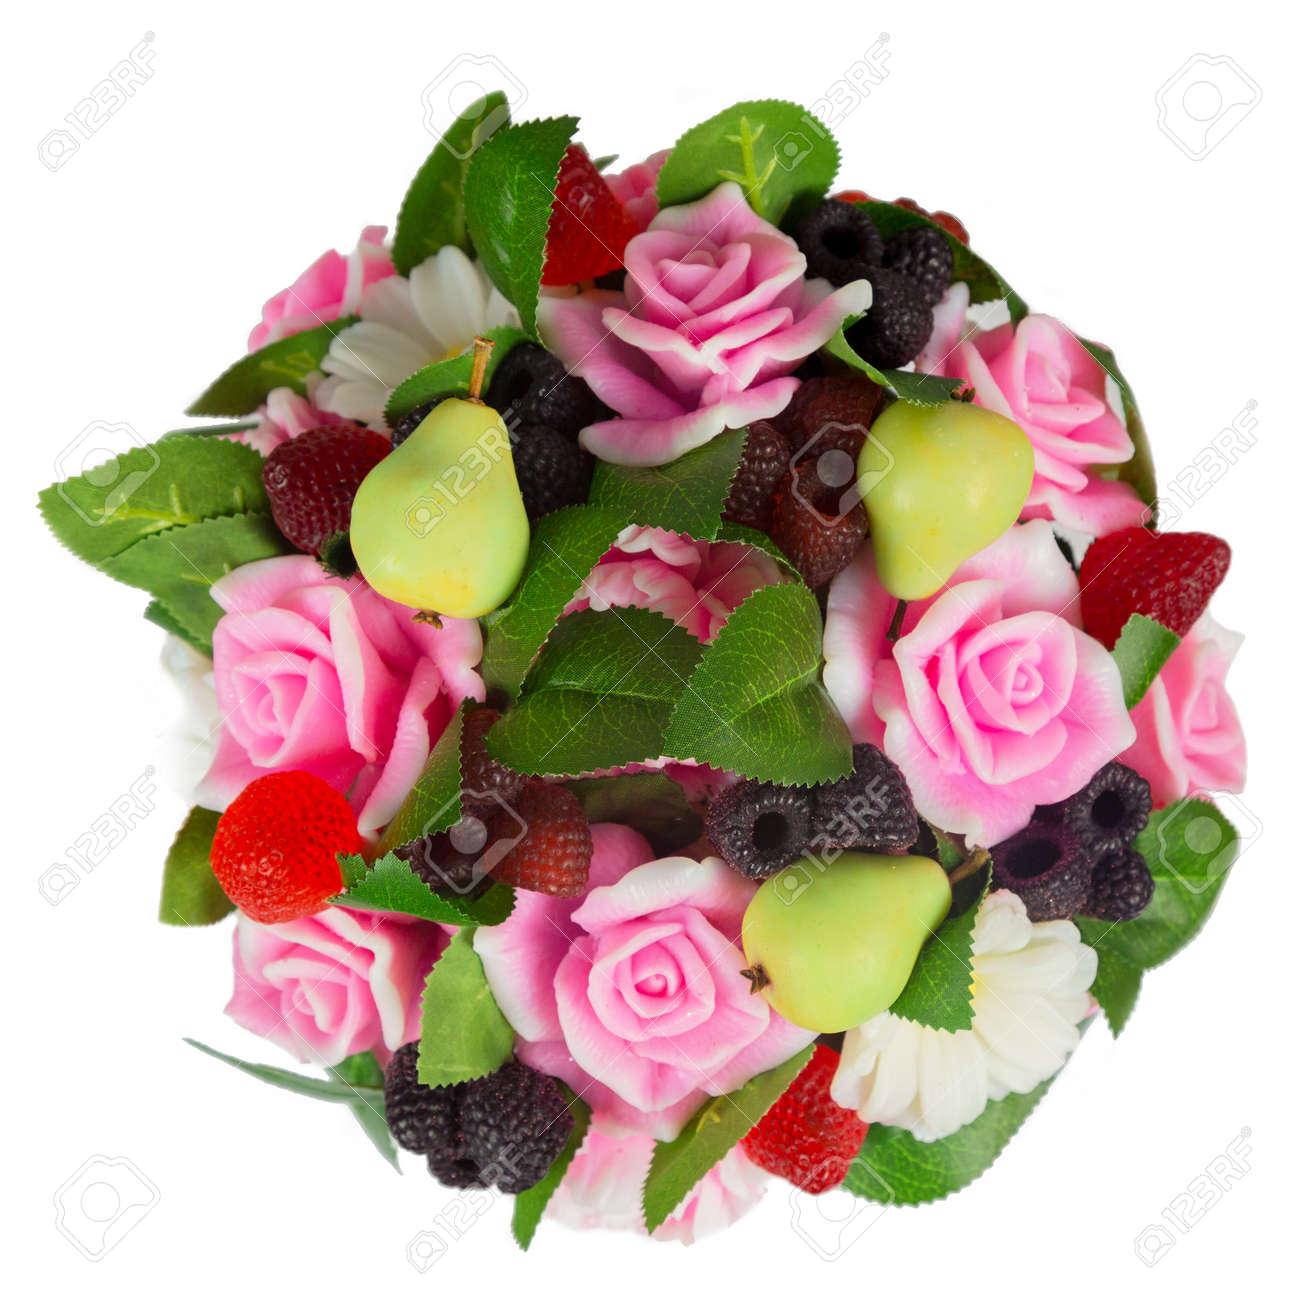 Handmade soap bouquet in form of flowers pears raspberries blackberries strawberries top view. - 171711536